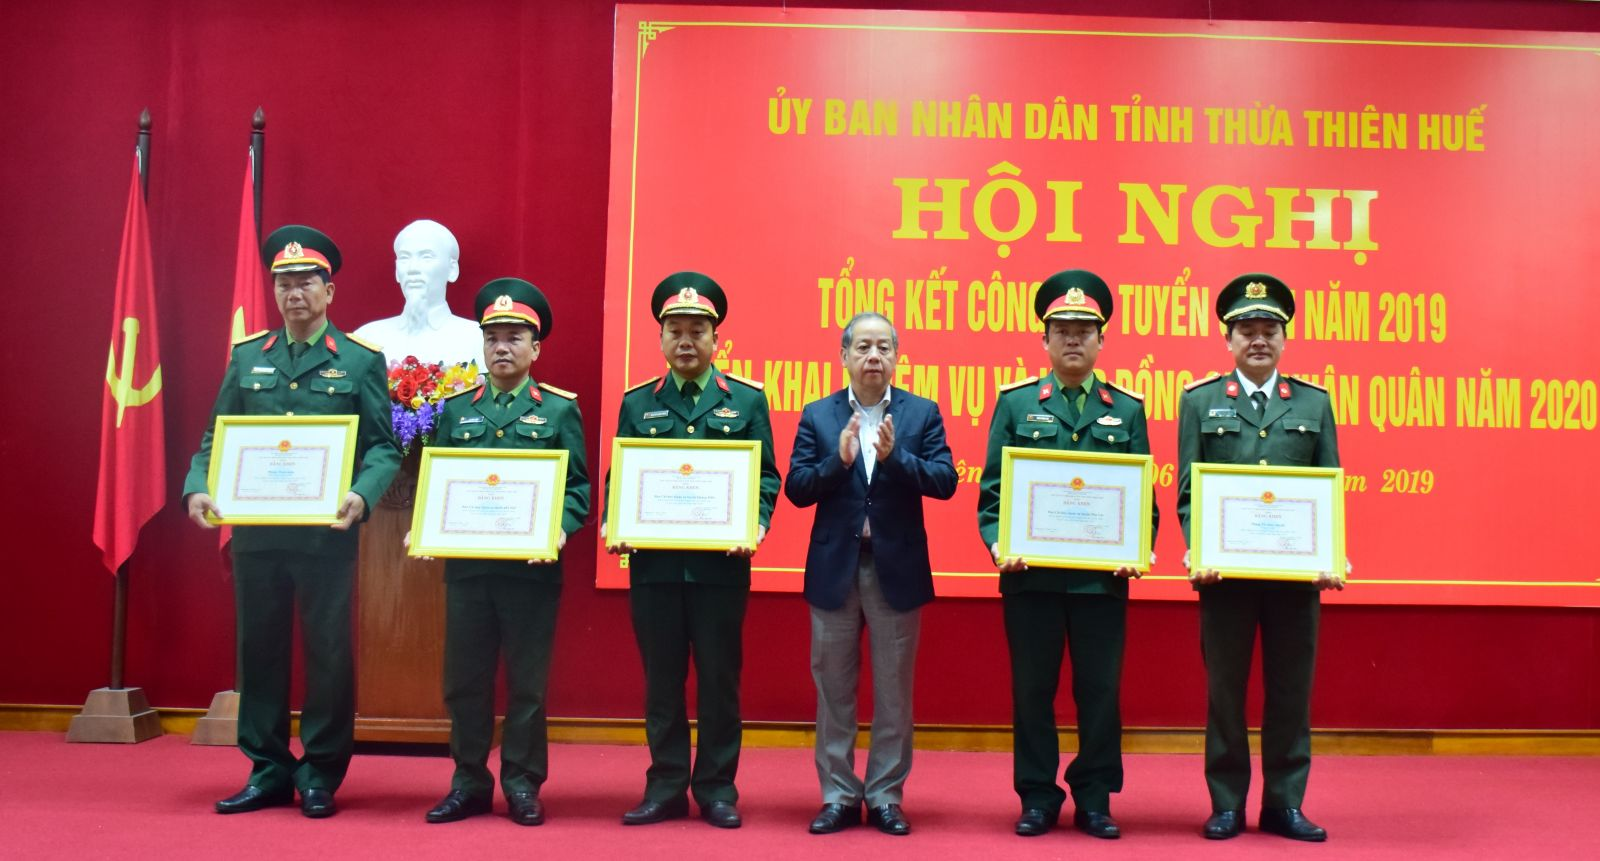 Năm 2020 Thừa Thiên - Huế được giao chỉ tiêu 1 351 thanh niên nhập ngũ